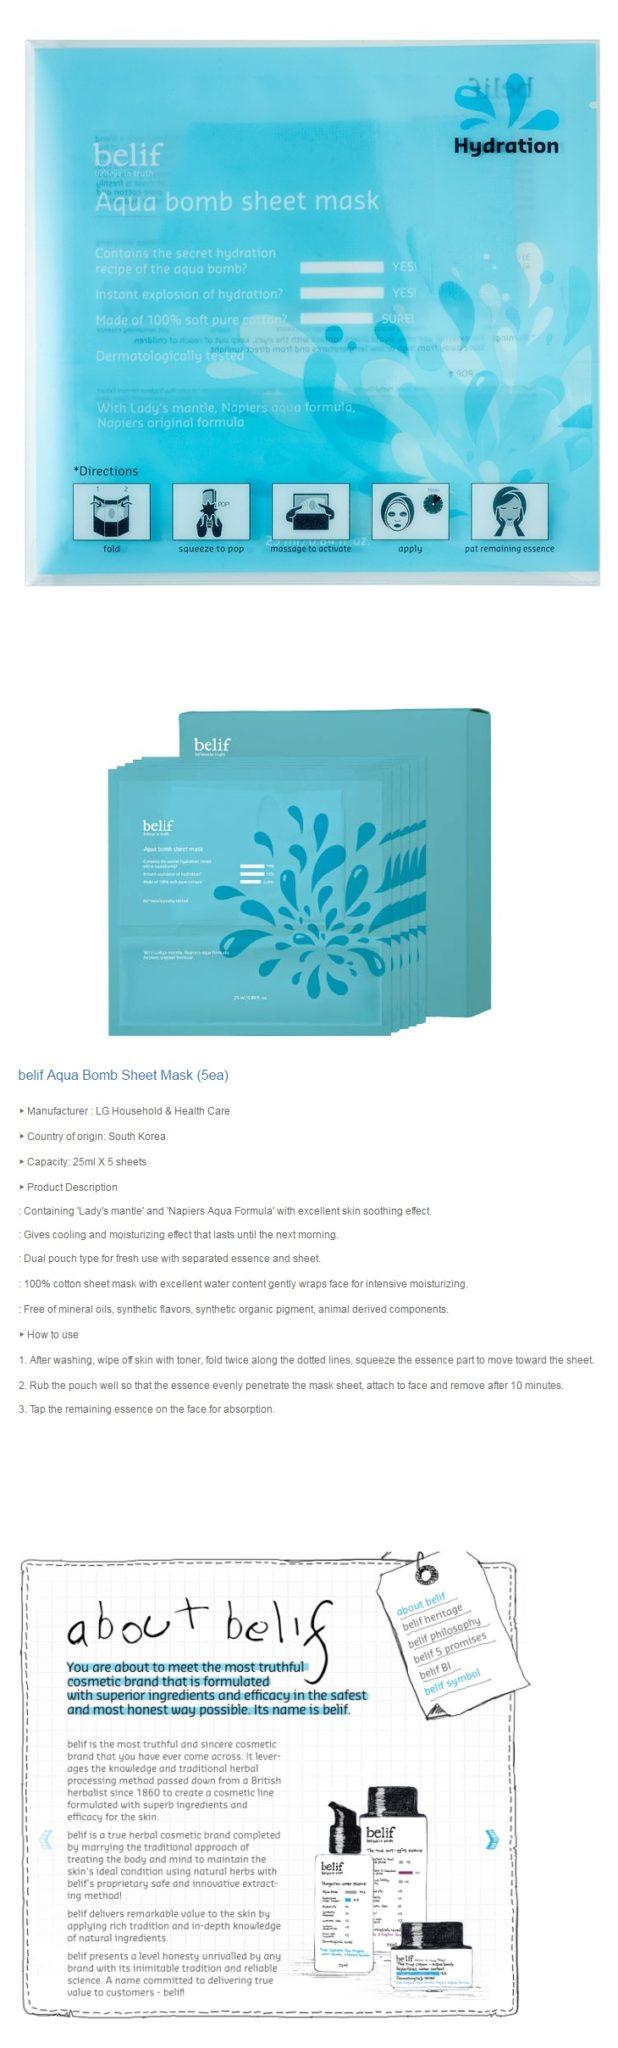 Belif Aqua Bomb Sheet Mask 5pcs box 135ml